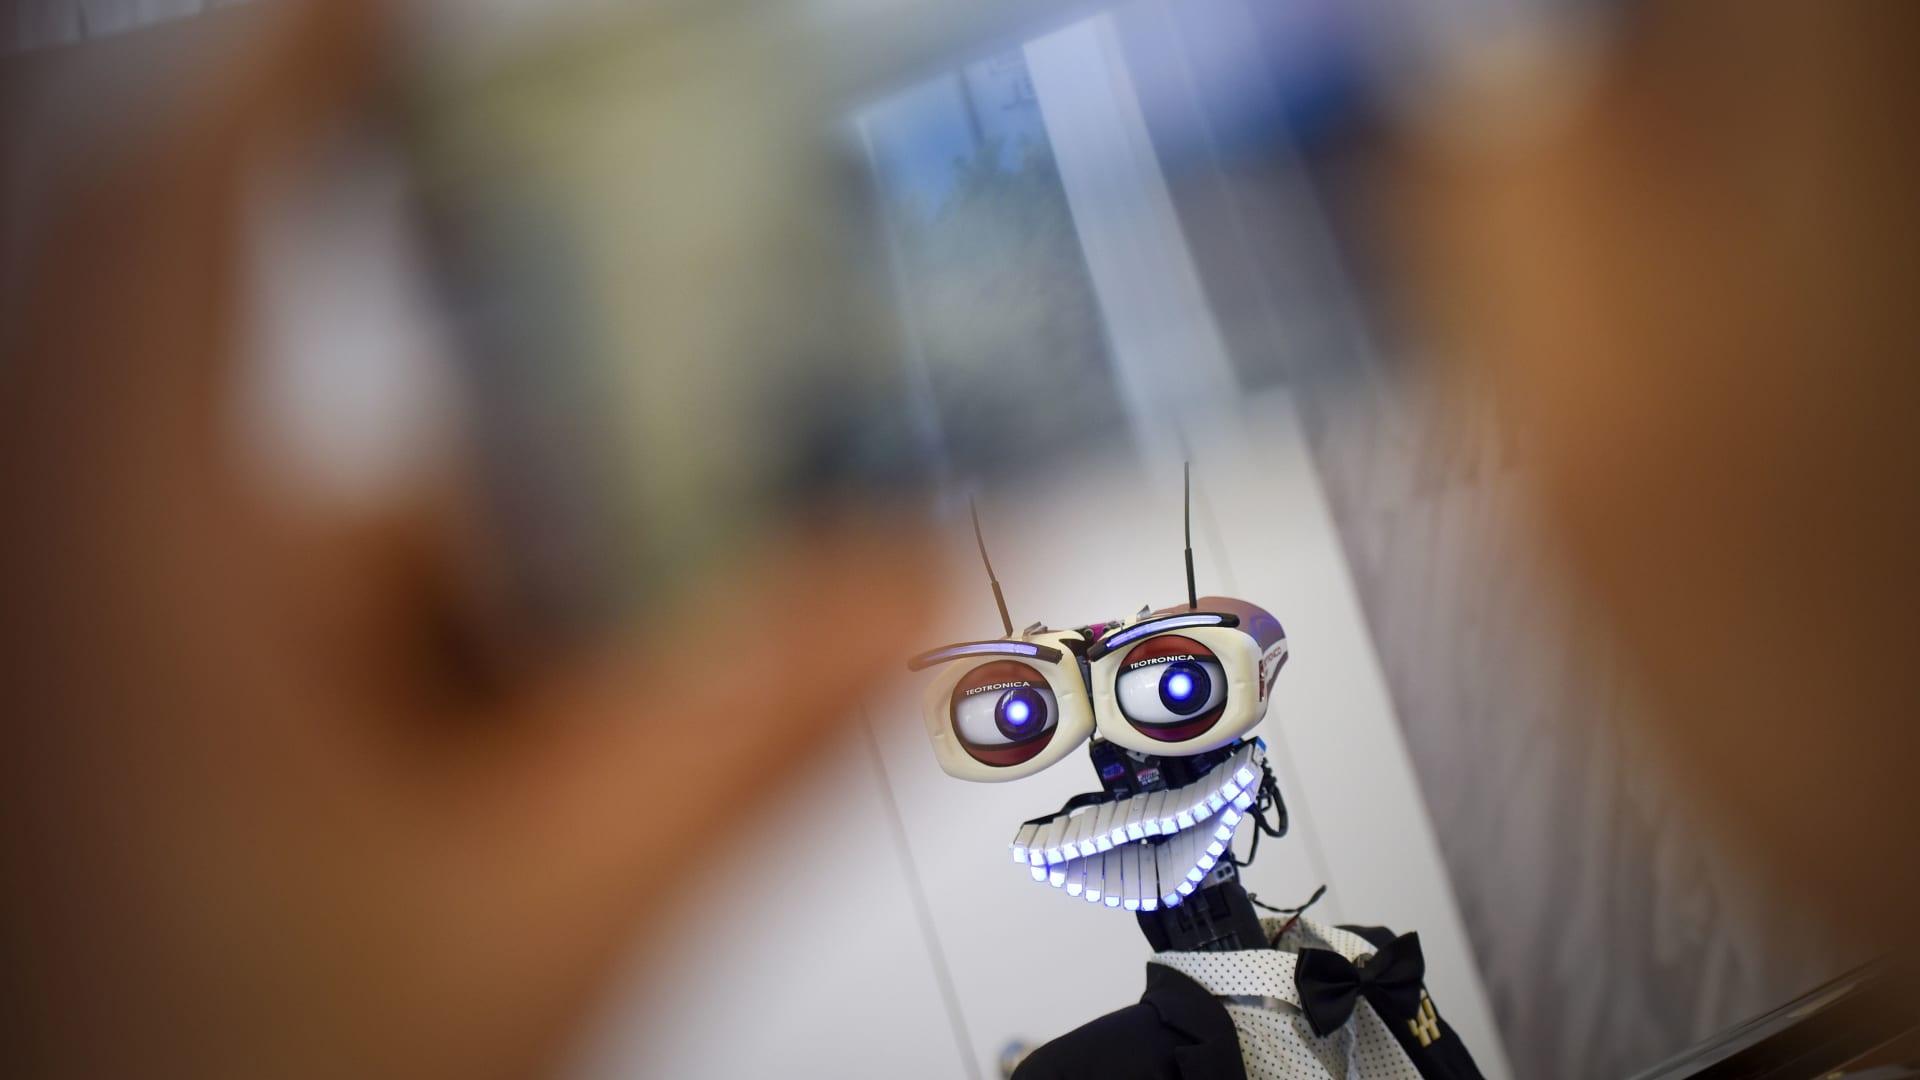 """تداول فيديو برمجة روبوت للرقص على أنغام """"تعال أشبعك حب"""".. وخلفان: واحسرتاه.. الغرب ابتكره لعمليات جراحية"""